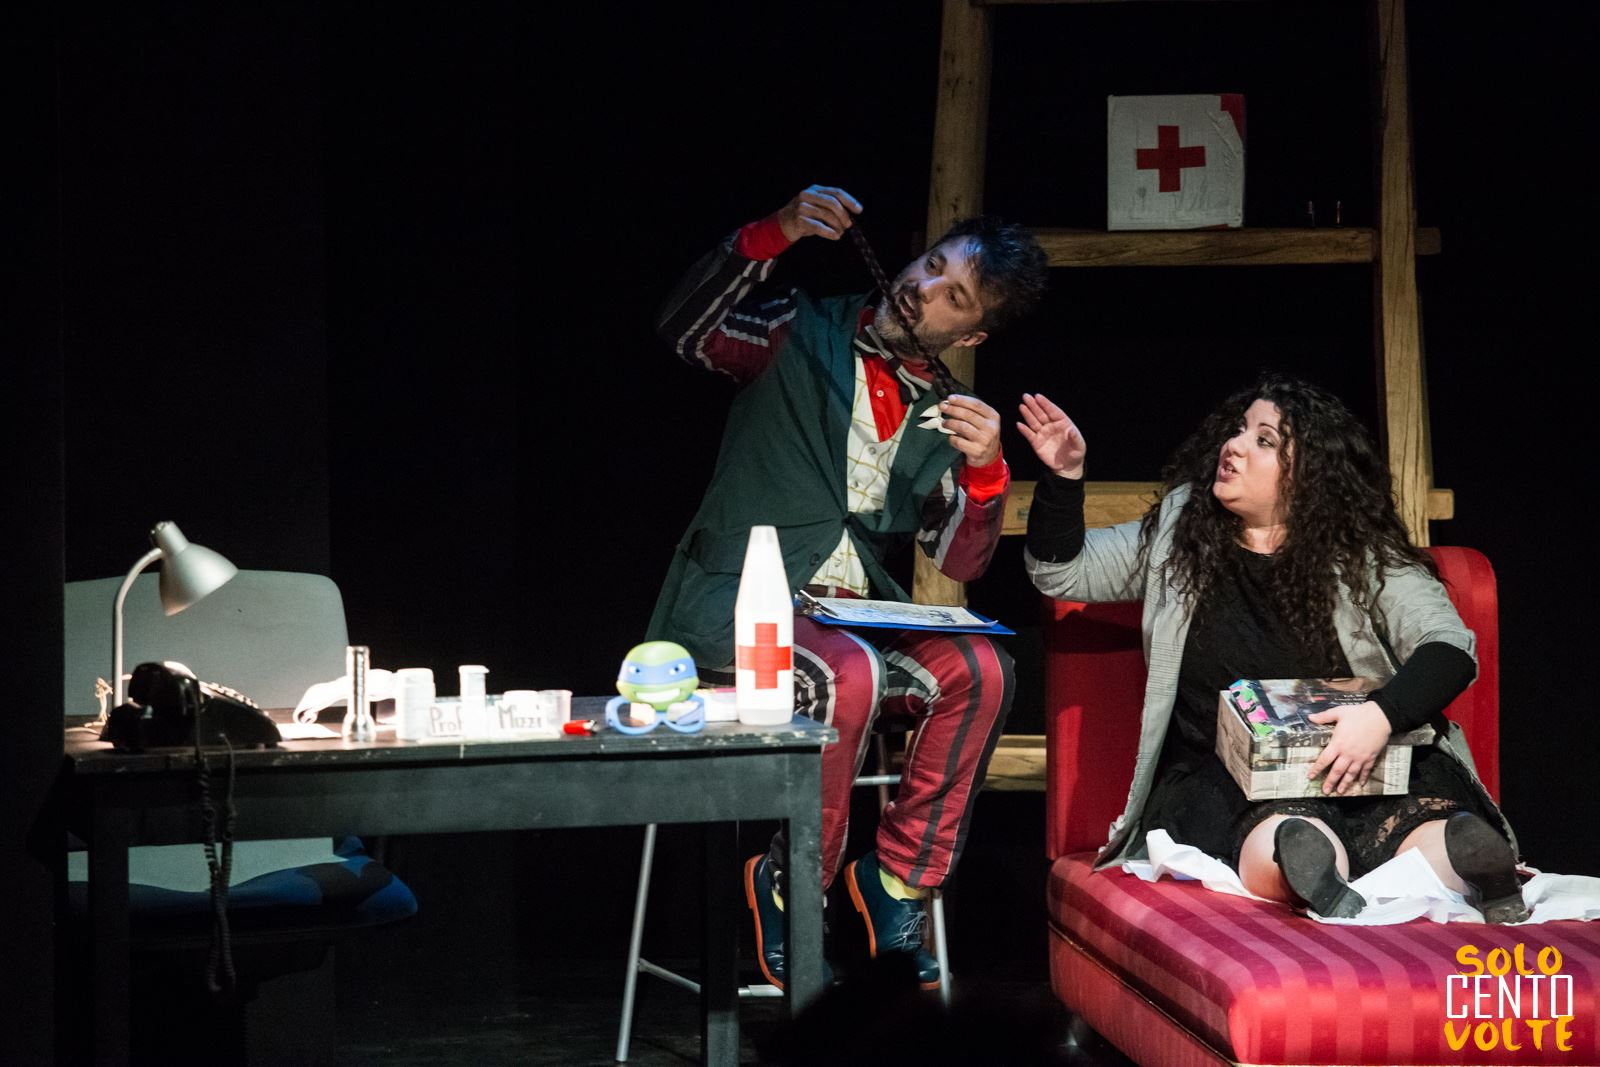 Solo Cento Volte-Teatro Giuffrè Battipaglia-3